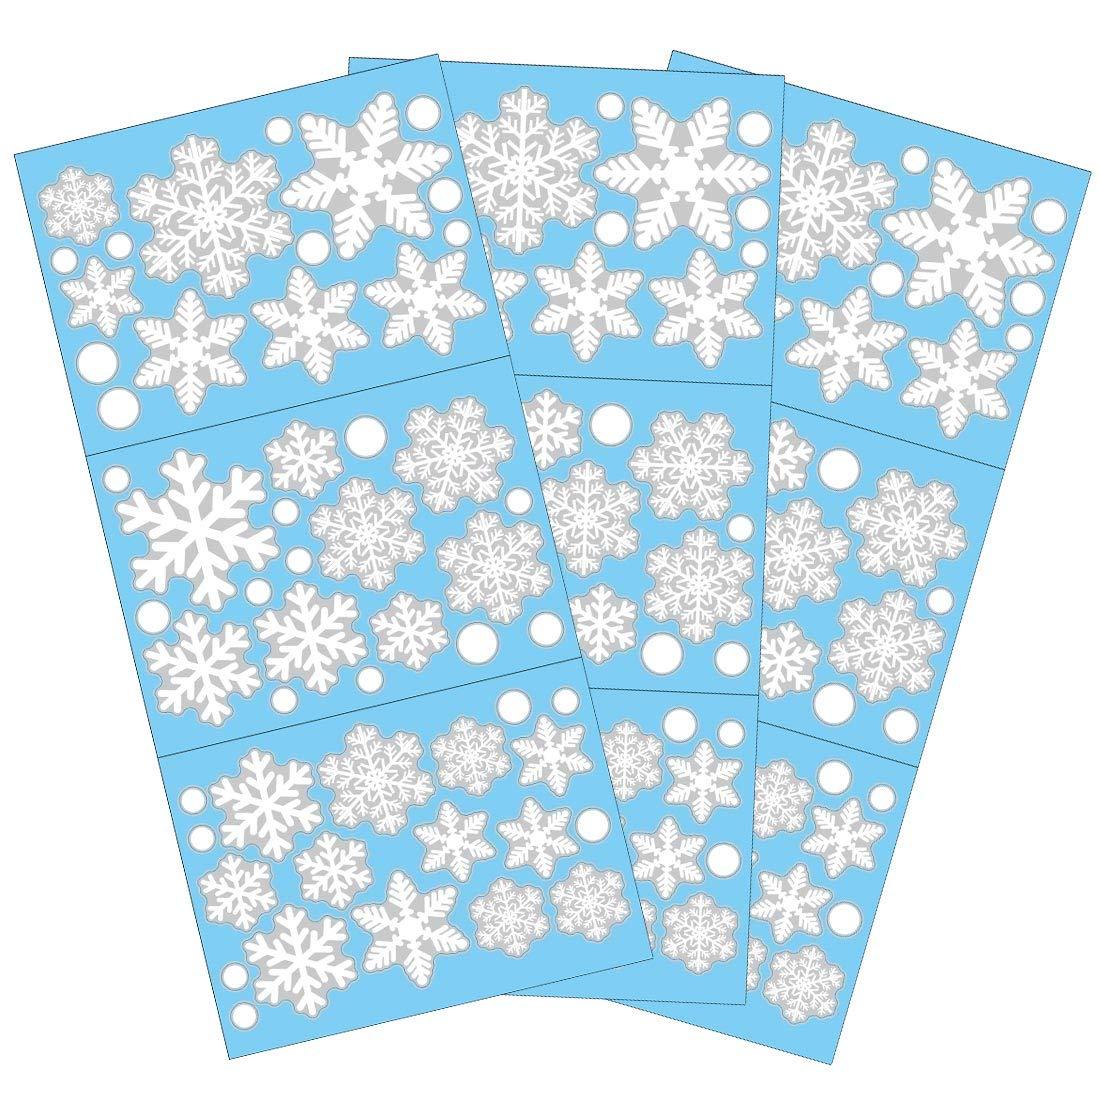 Tuopuda 81 Pcs Sticker Snowflakes Christmas Window Decoration DIY Xmas Window Decals Christmas Decorations Reusable Static Adhesive Sticker White